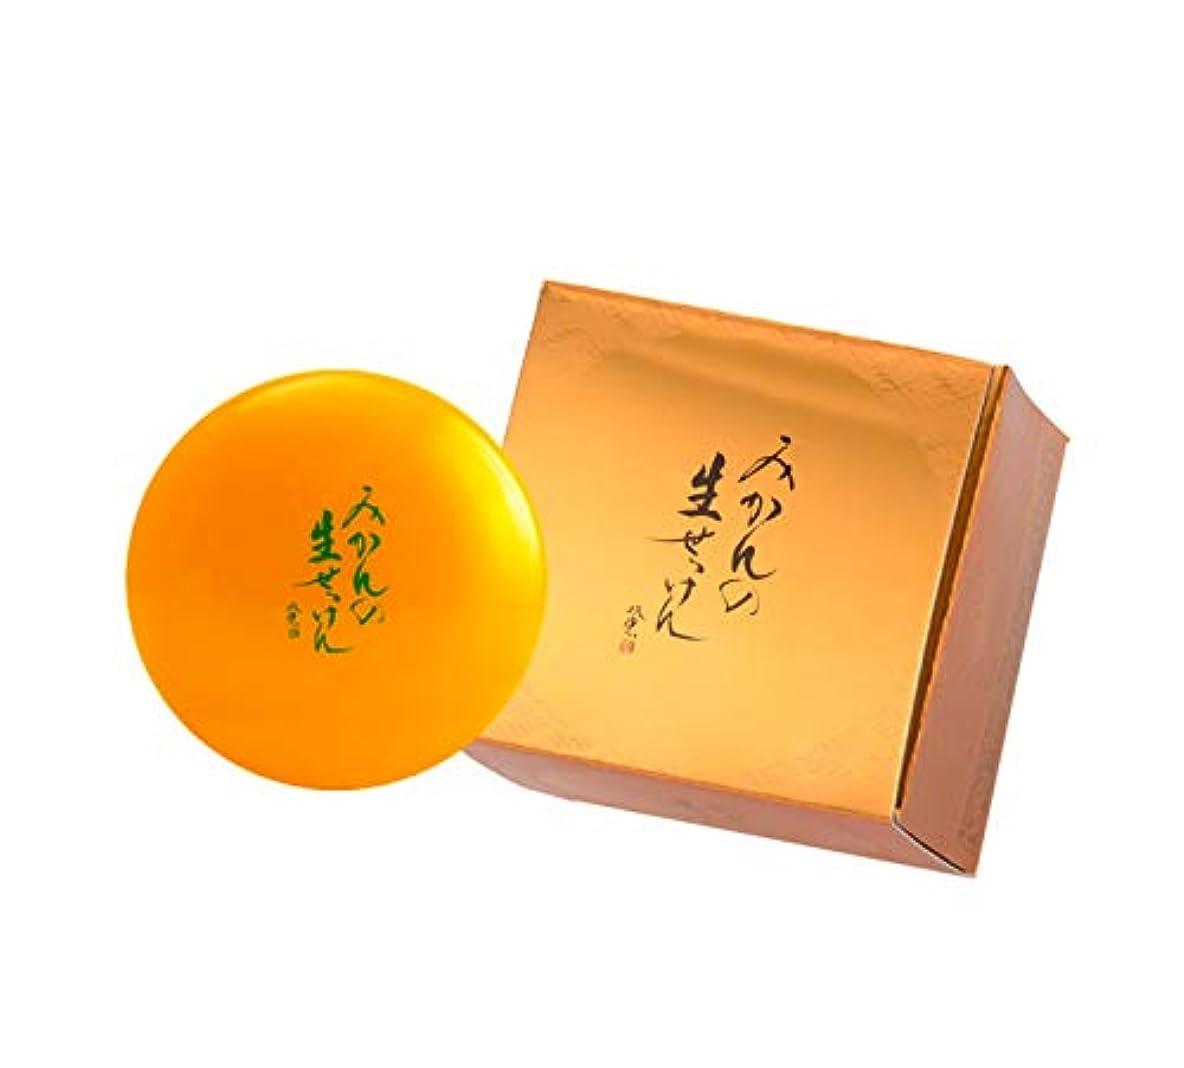 レンズ真面目なすることになっているUYEKI美香柑みかんの生せっけん120g×3個セット